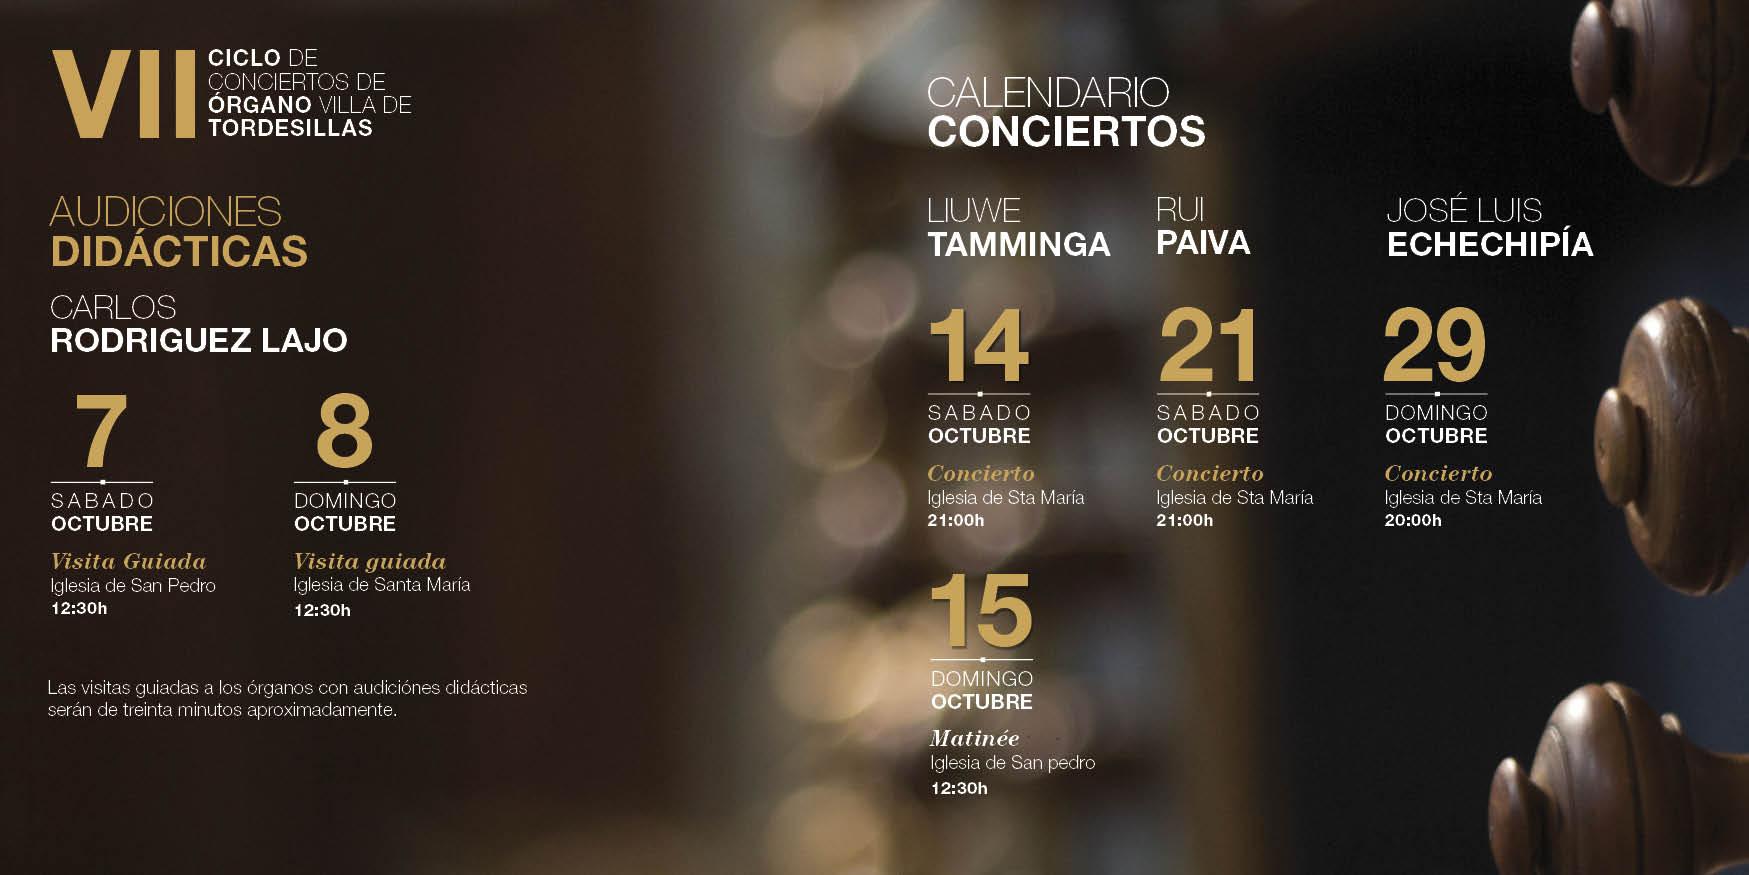 VII-Ciclo-de-conciertos-de-organo-Villa-de-Tordesillas-2017